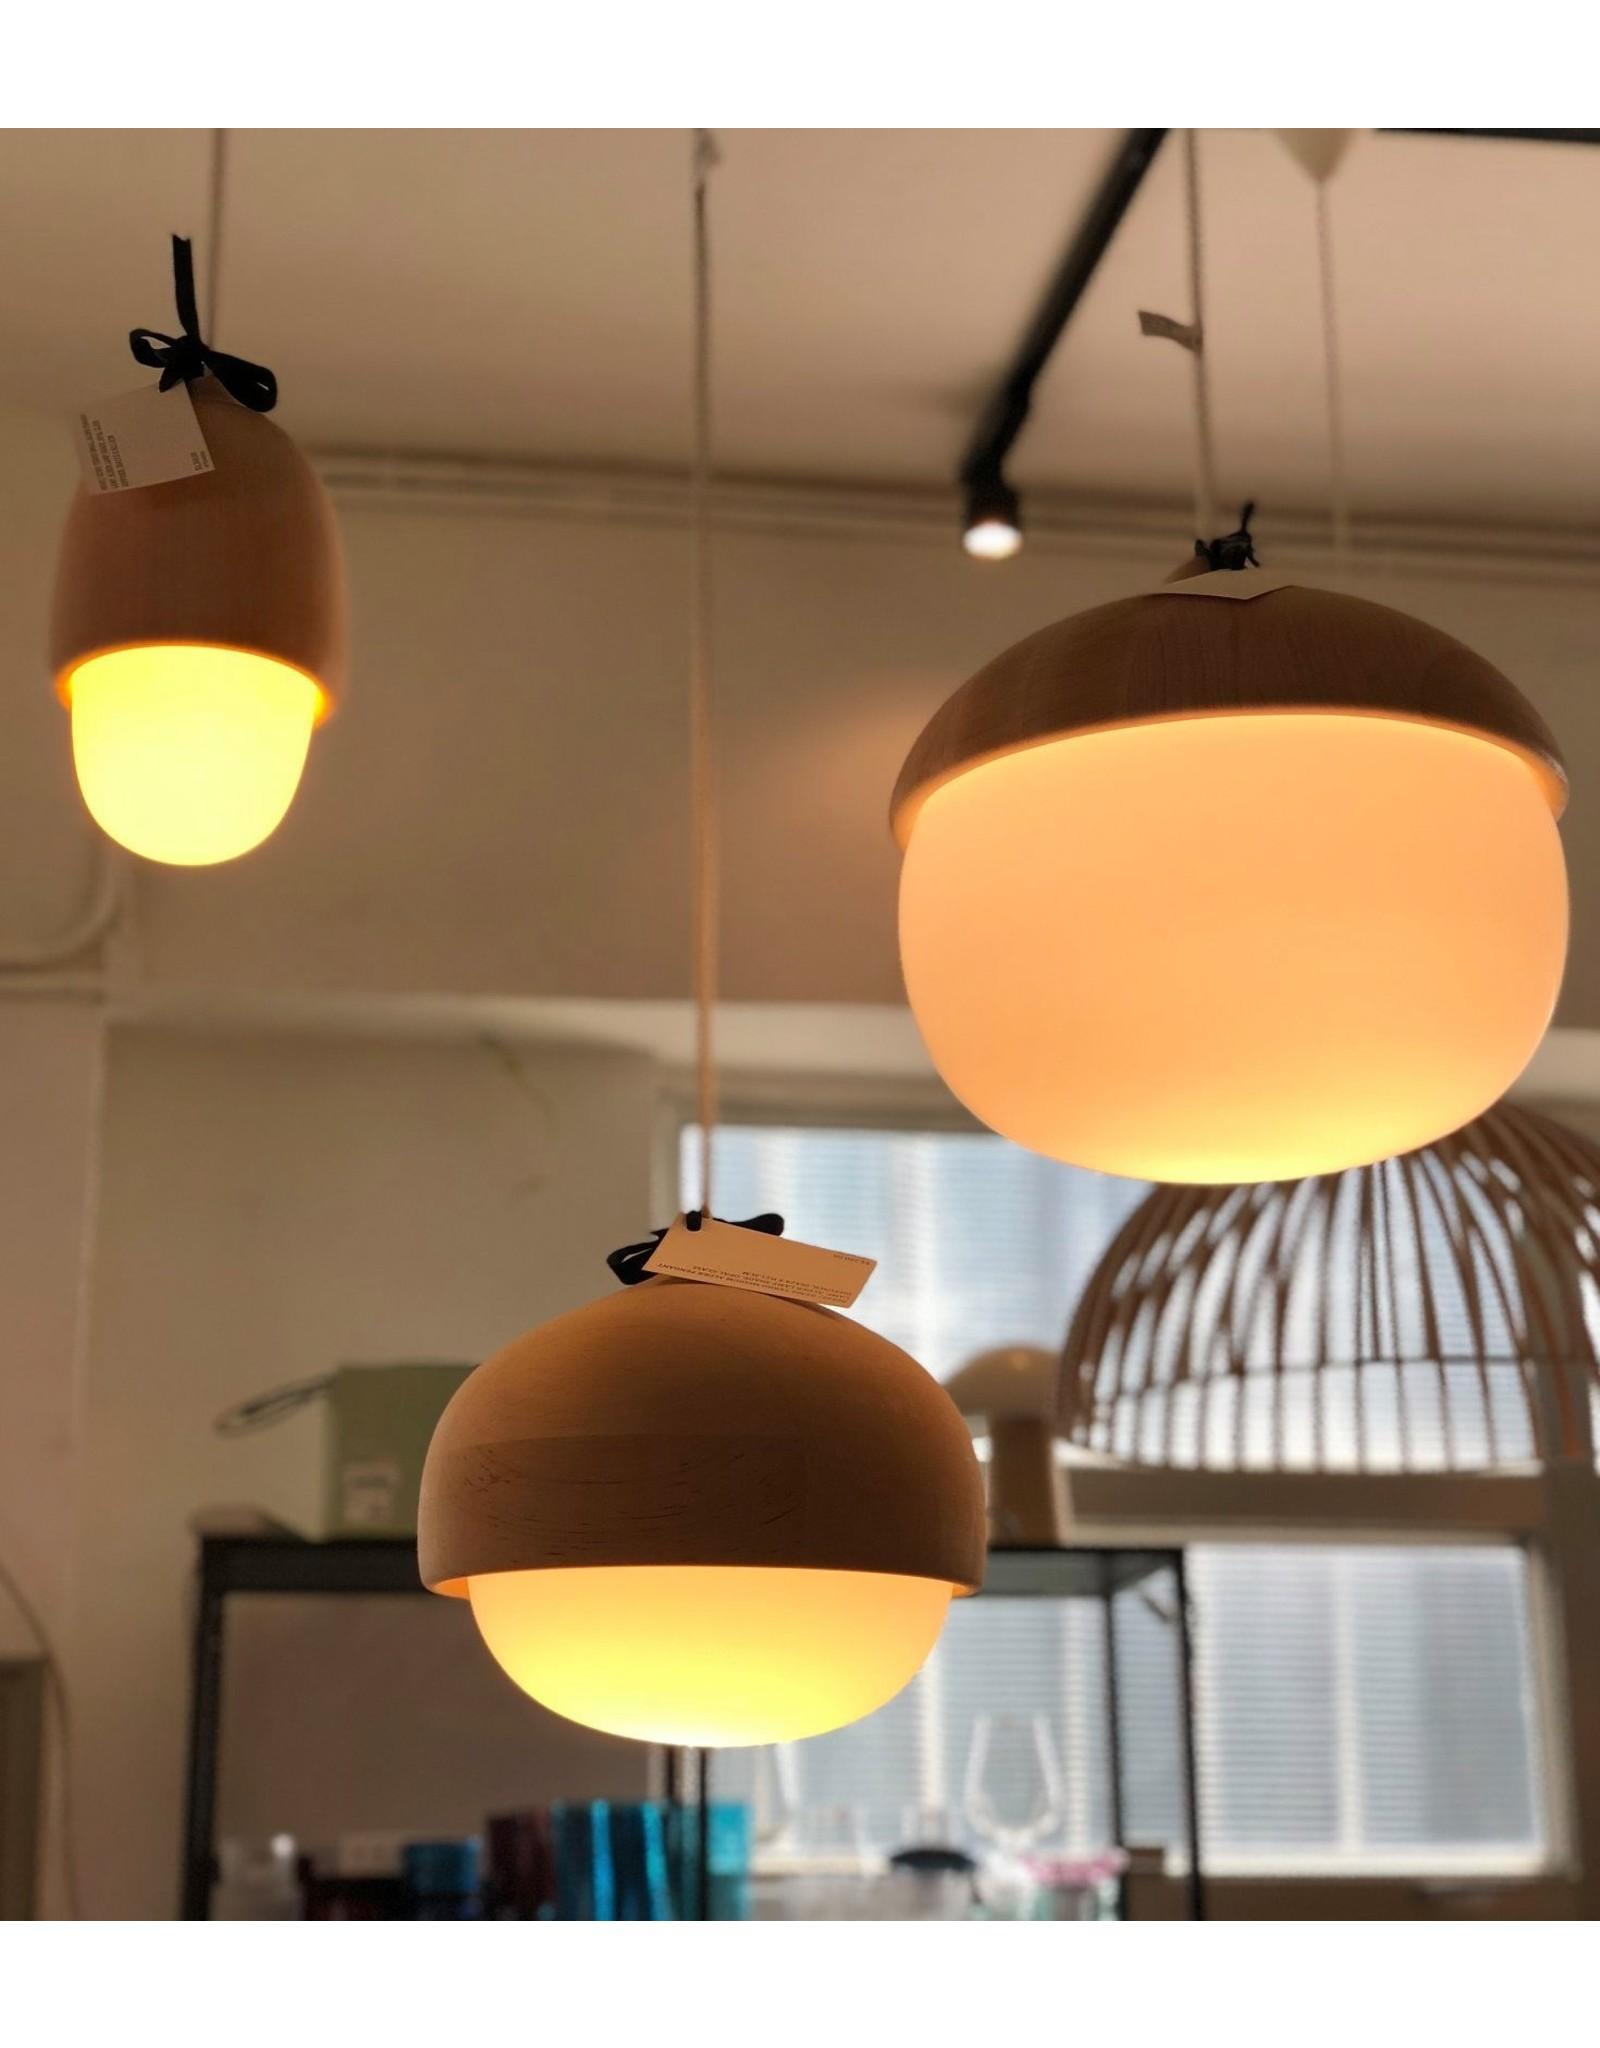 MATER TERHO ALDER PENDANT LAMP